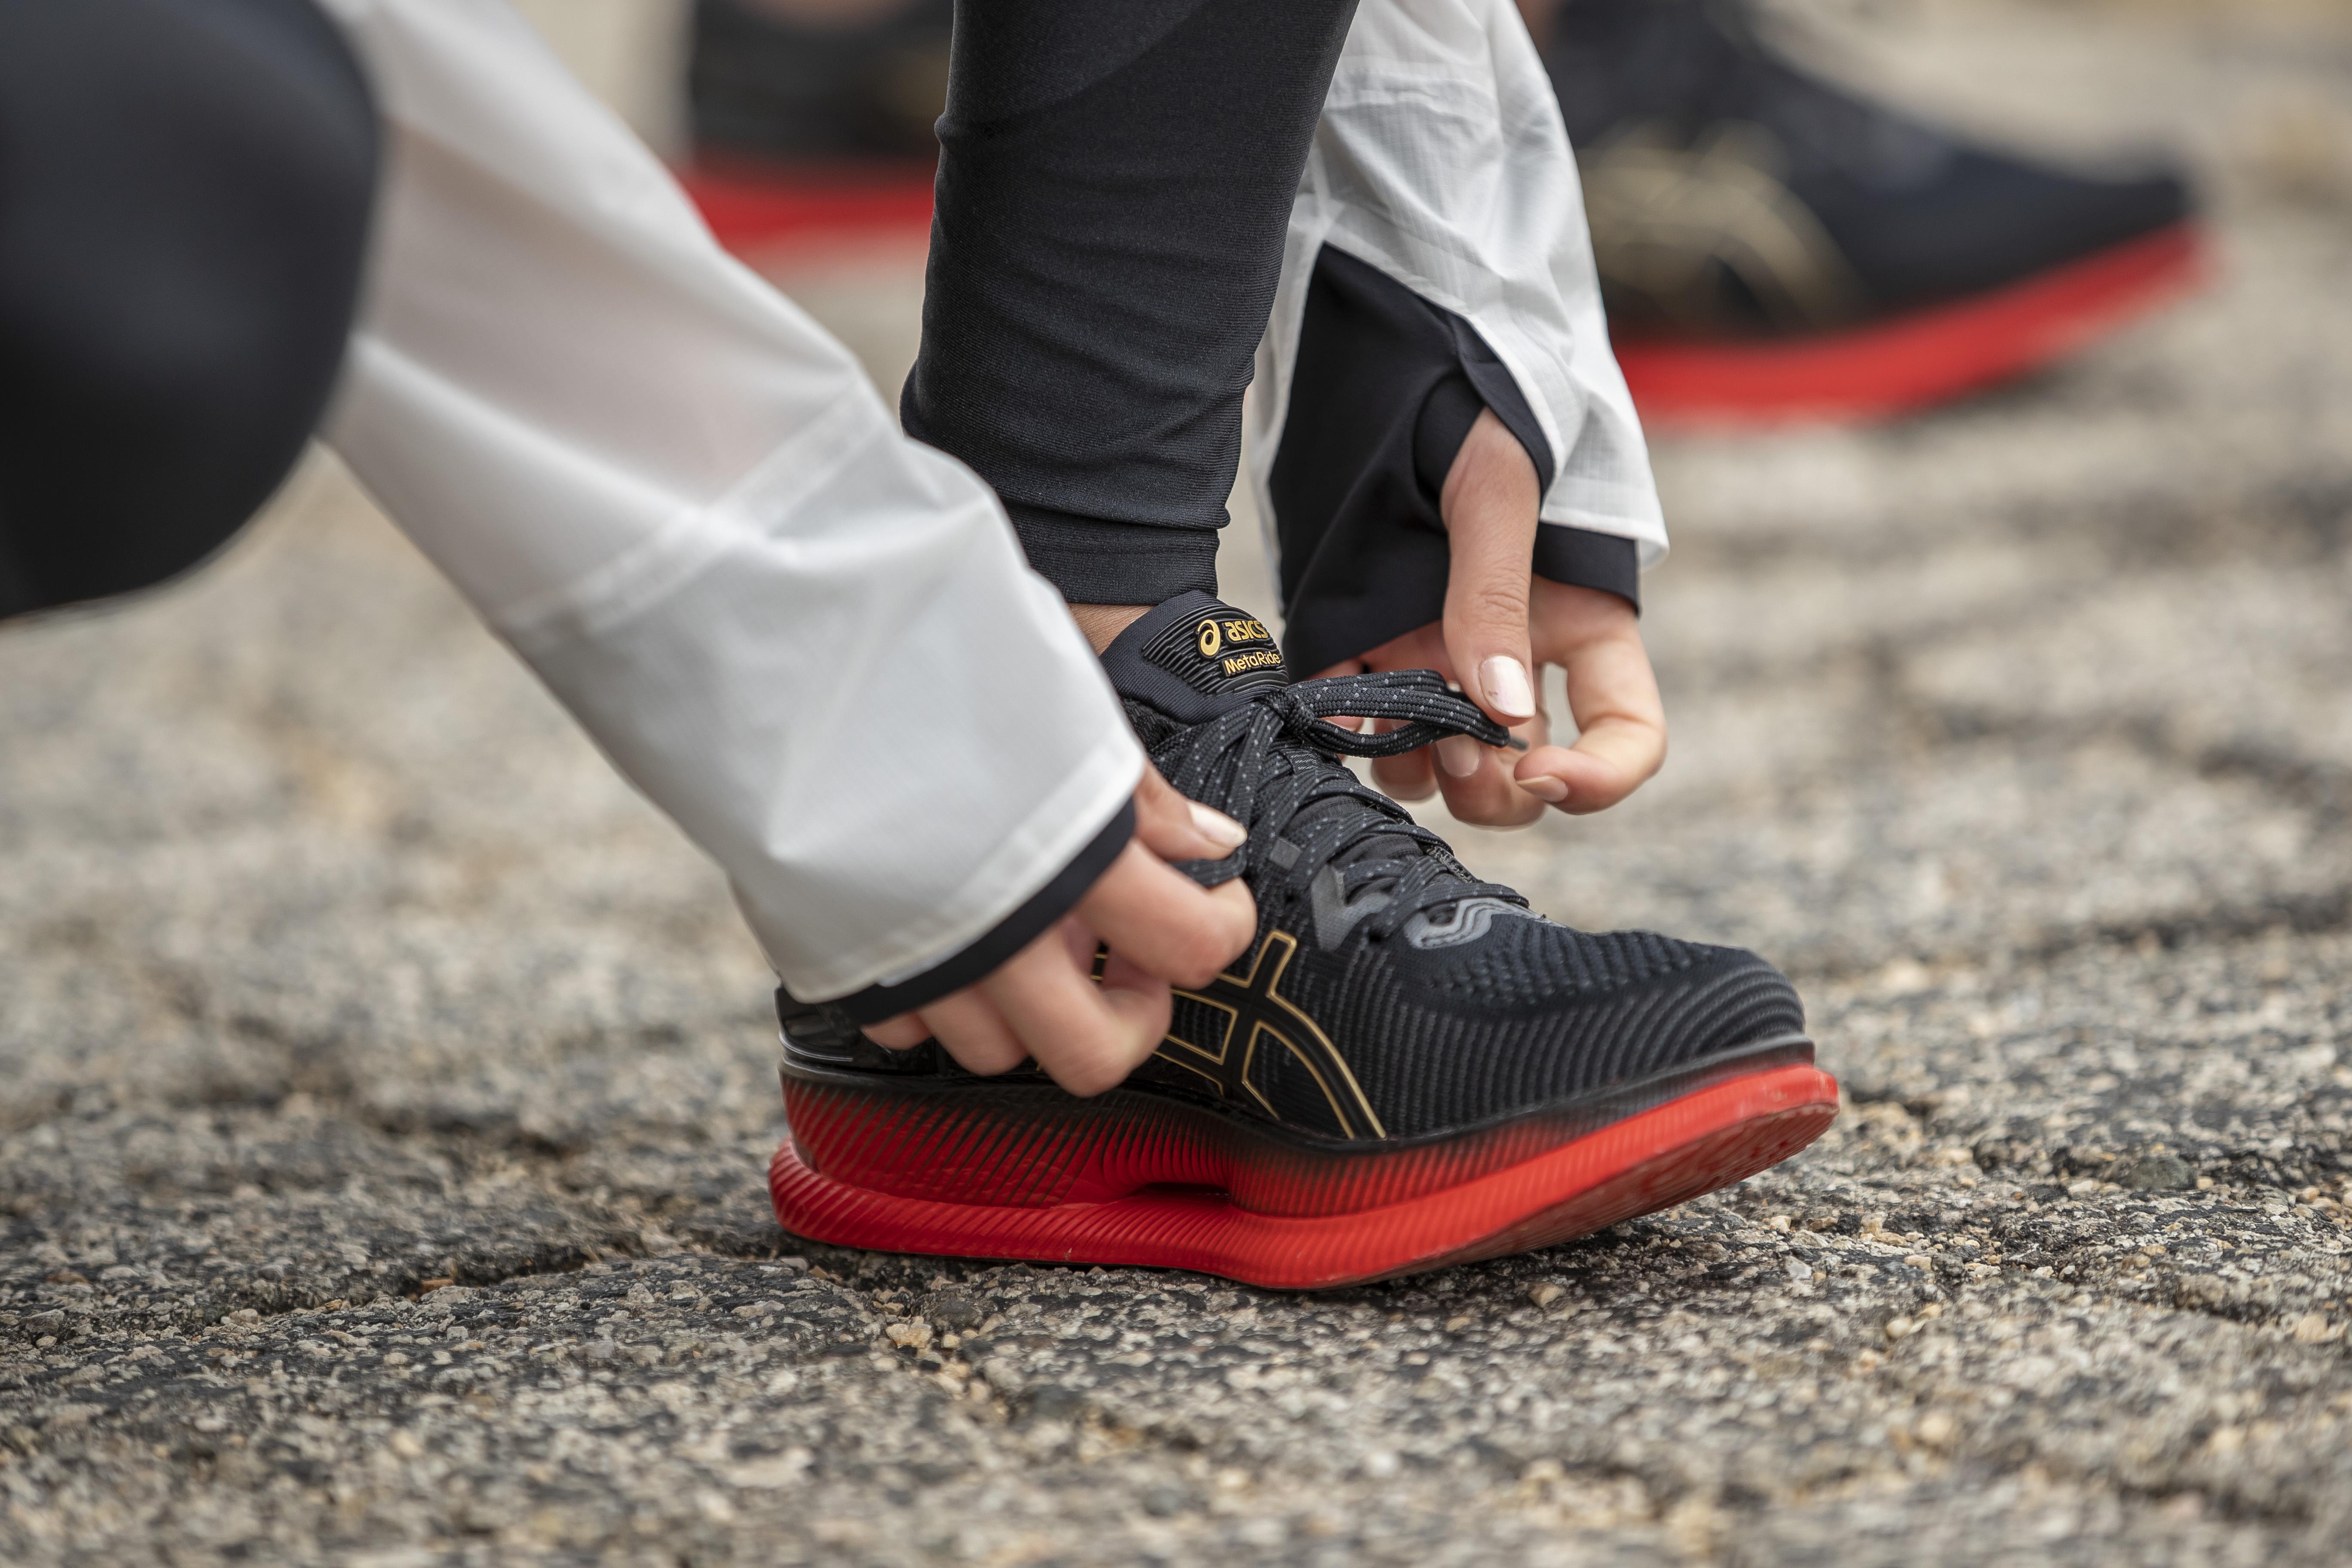 862a2b6a05a19b ASICS METARIDE : Asics dévoile sa dernière chaussure de running – U Run